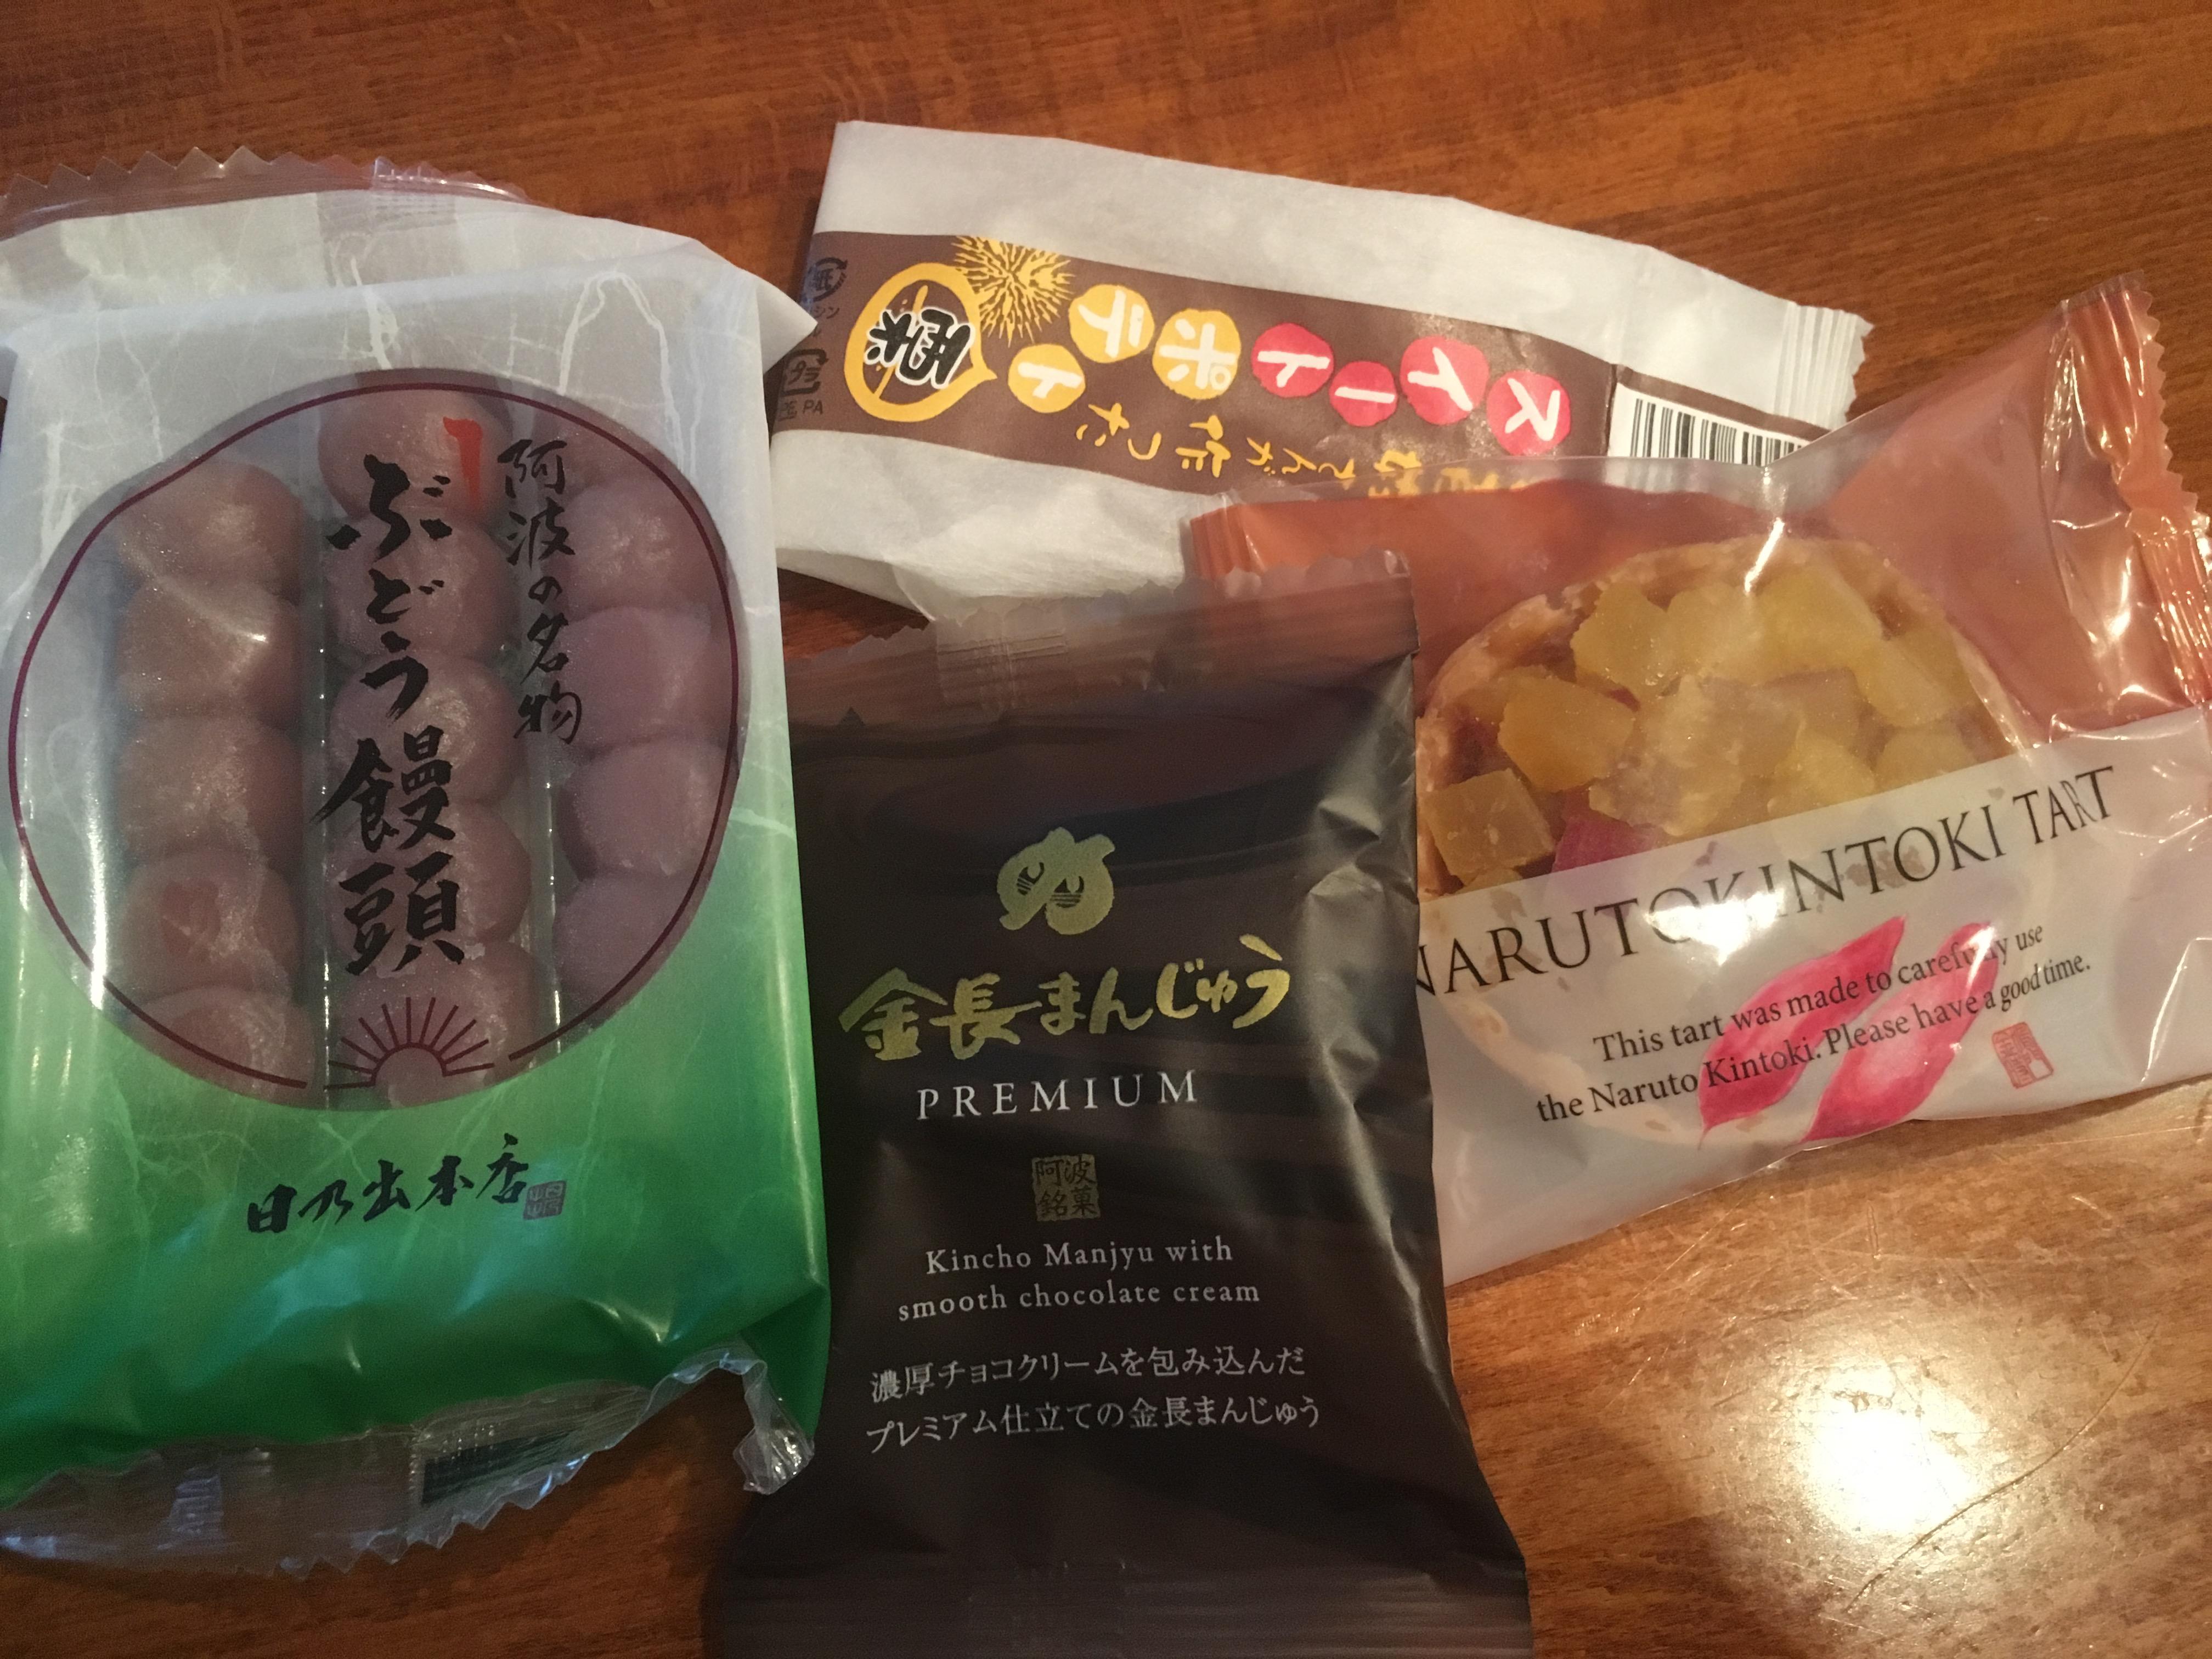 徳島のおすすめお土産スイーツ4選!食べて分かるユニークな地元の味!